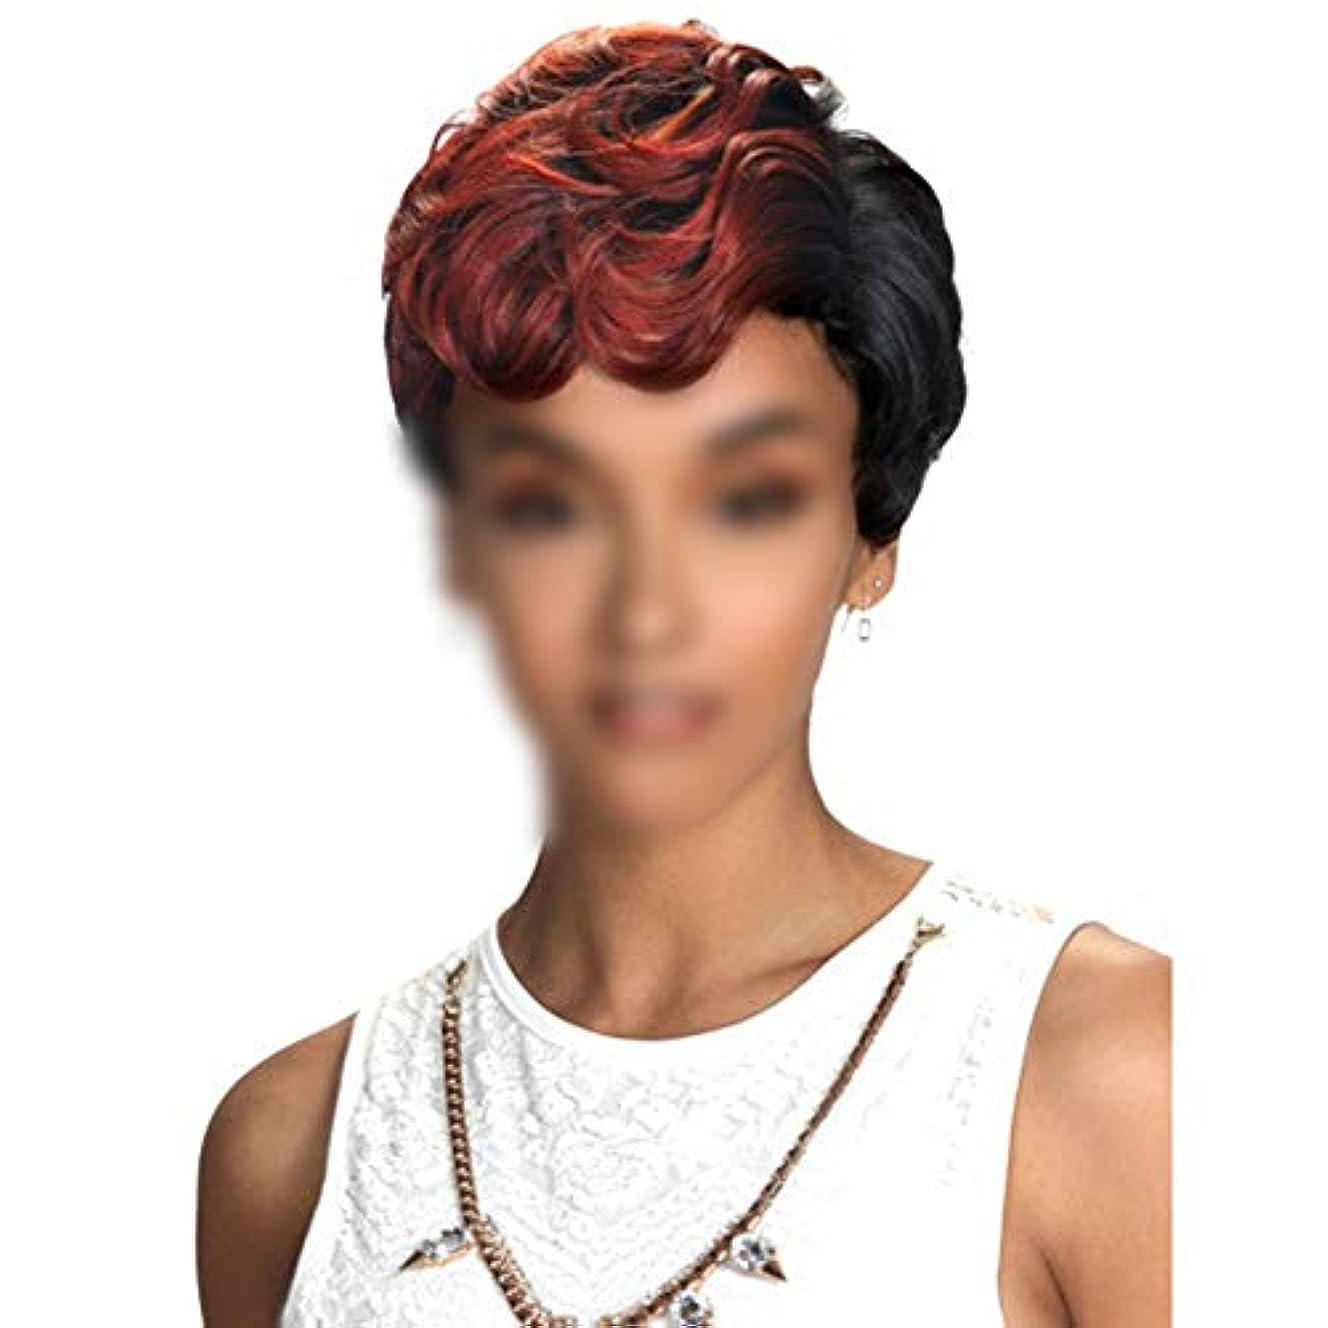 ミリメートル教えてどちらもWASAIO 女性用人工毛ウィッグボブヘッドショートカーリーアクセサリースタイル交換用ワインレッドコスプレパーティードレス (色 : ワインレッド)